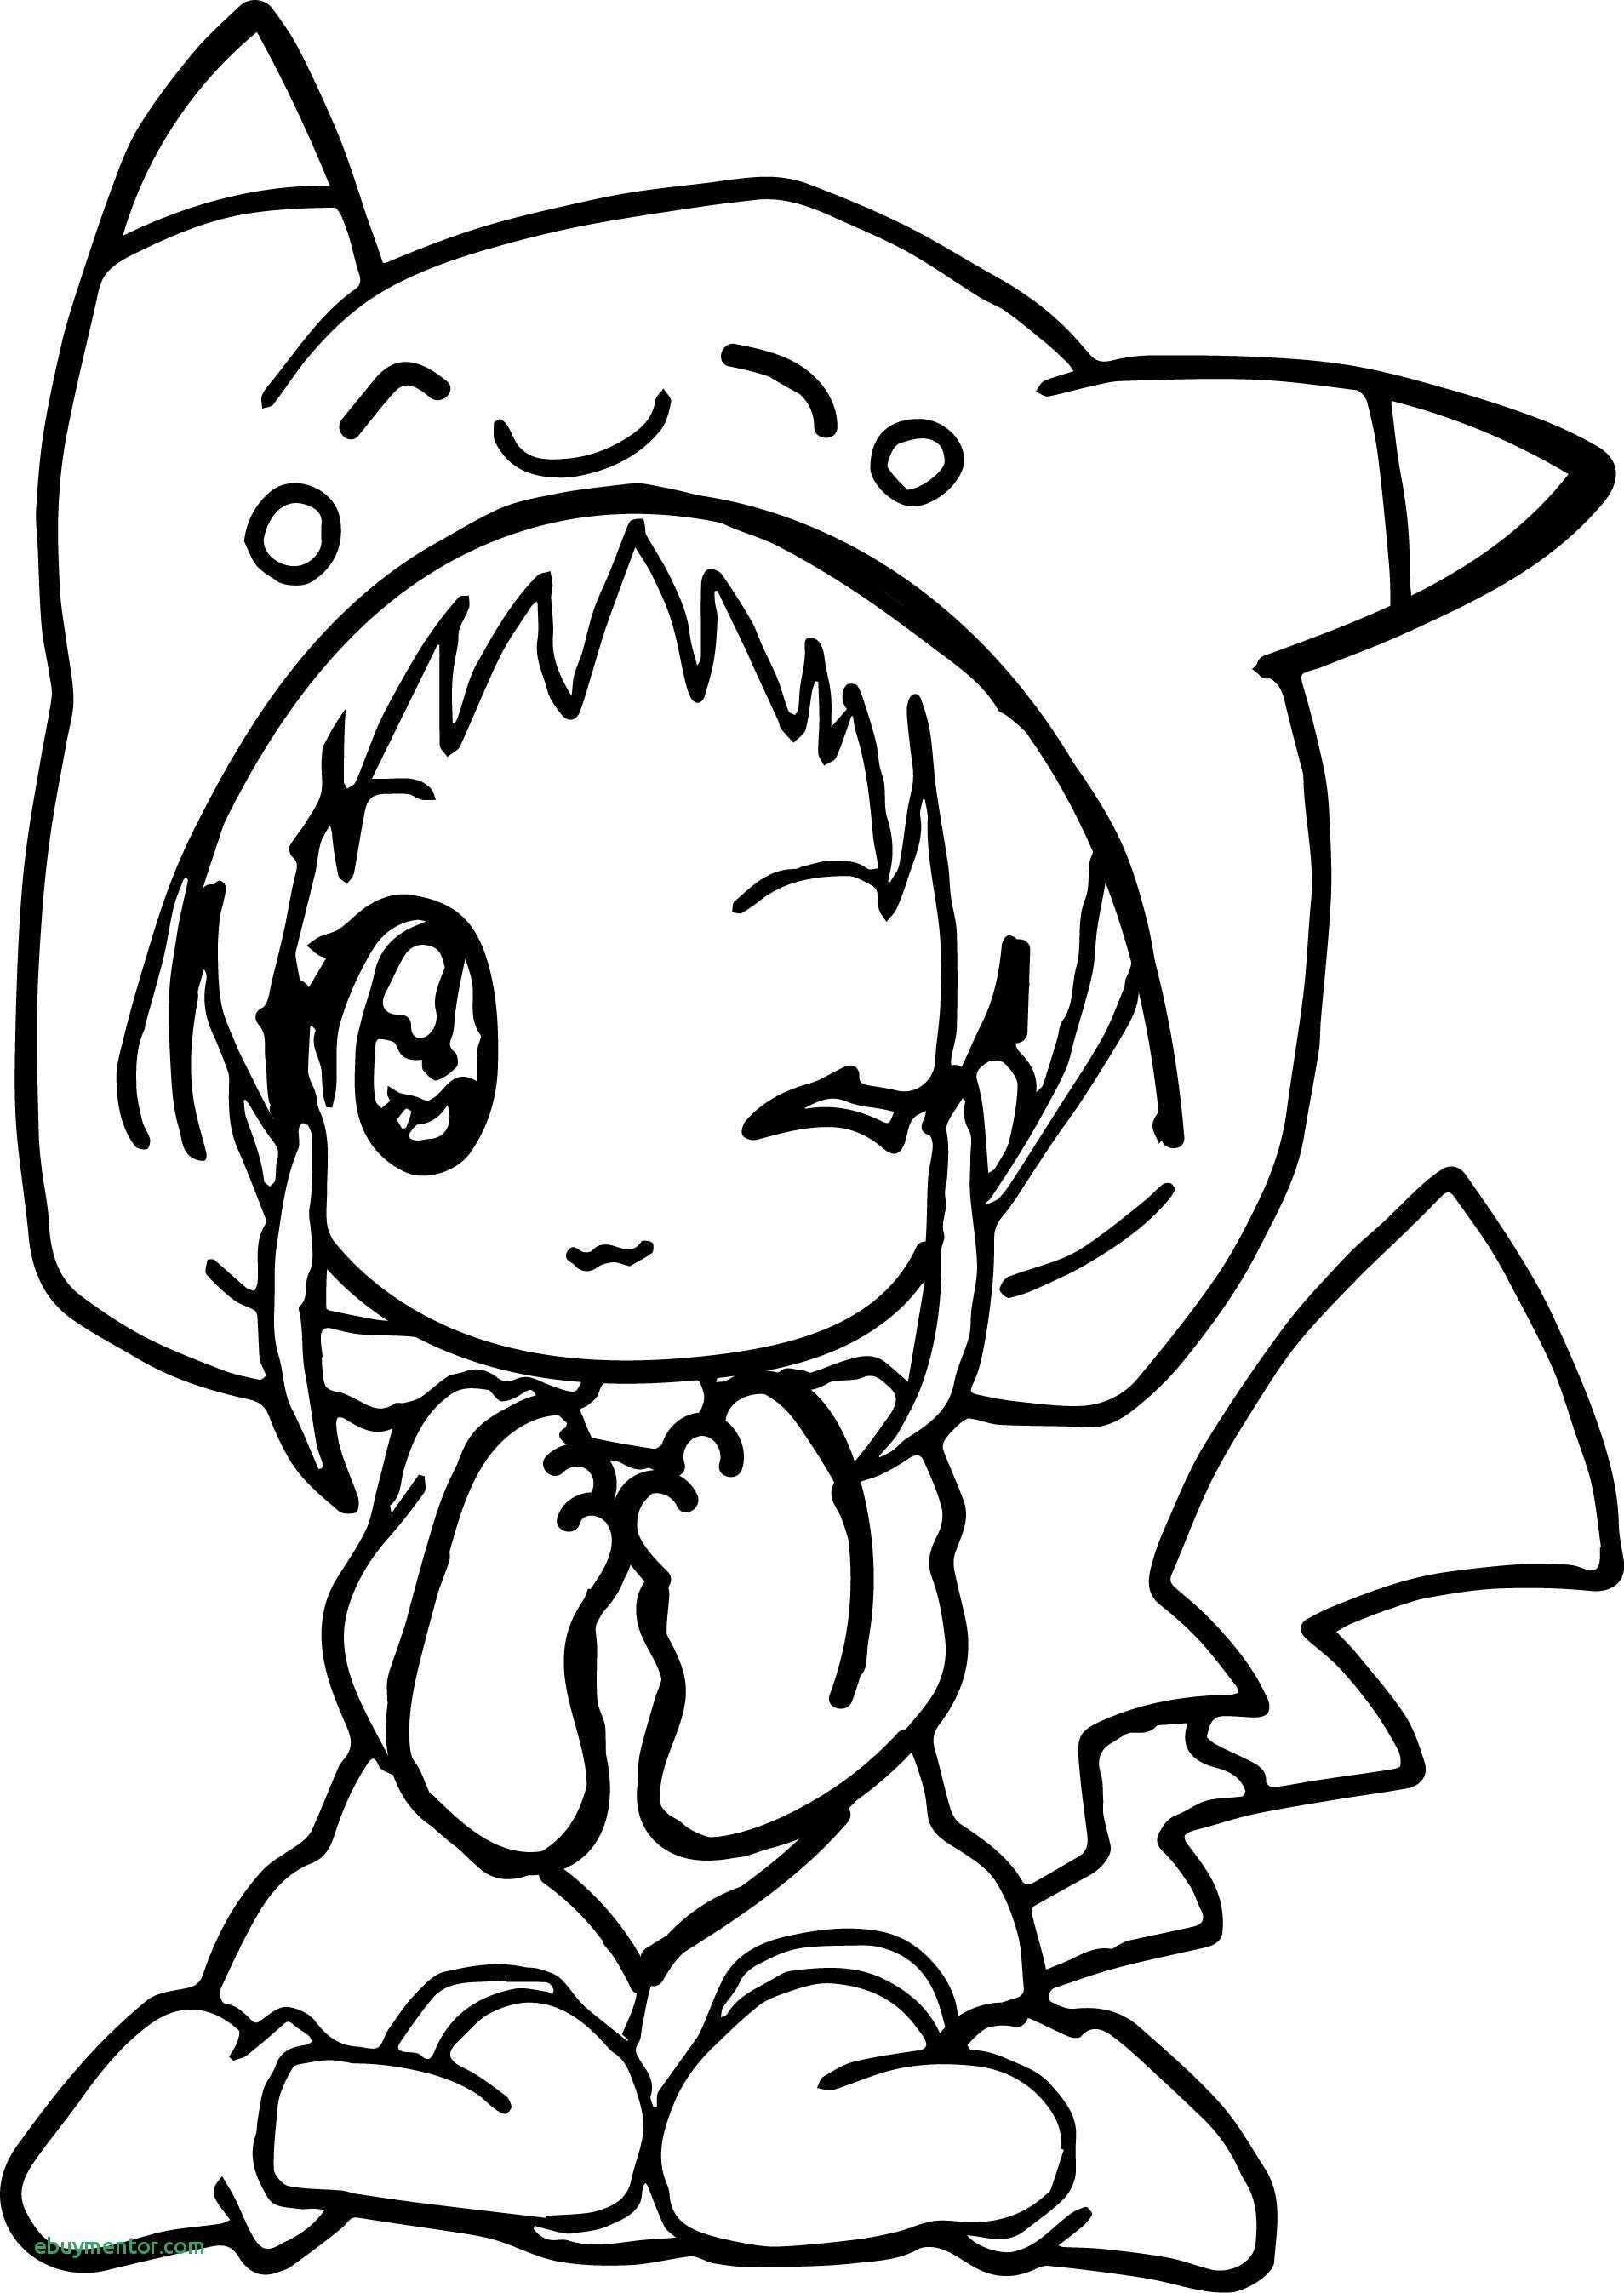 Einzigartig Malvorlagen Anime Malvorlagen Malvorlagenfurkinder Malvorlagenfurerwachsene Pokemon Malvorlagen Malvorlagen Tiere Malvorlagen Fur Madchen